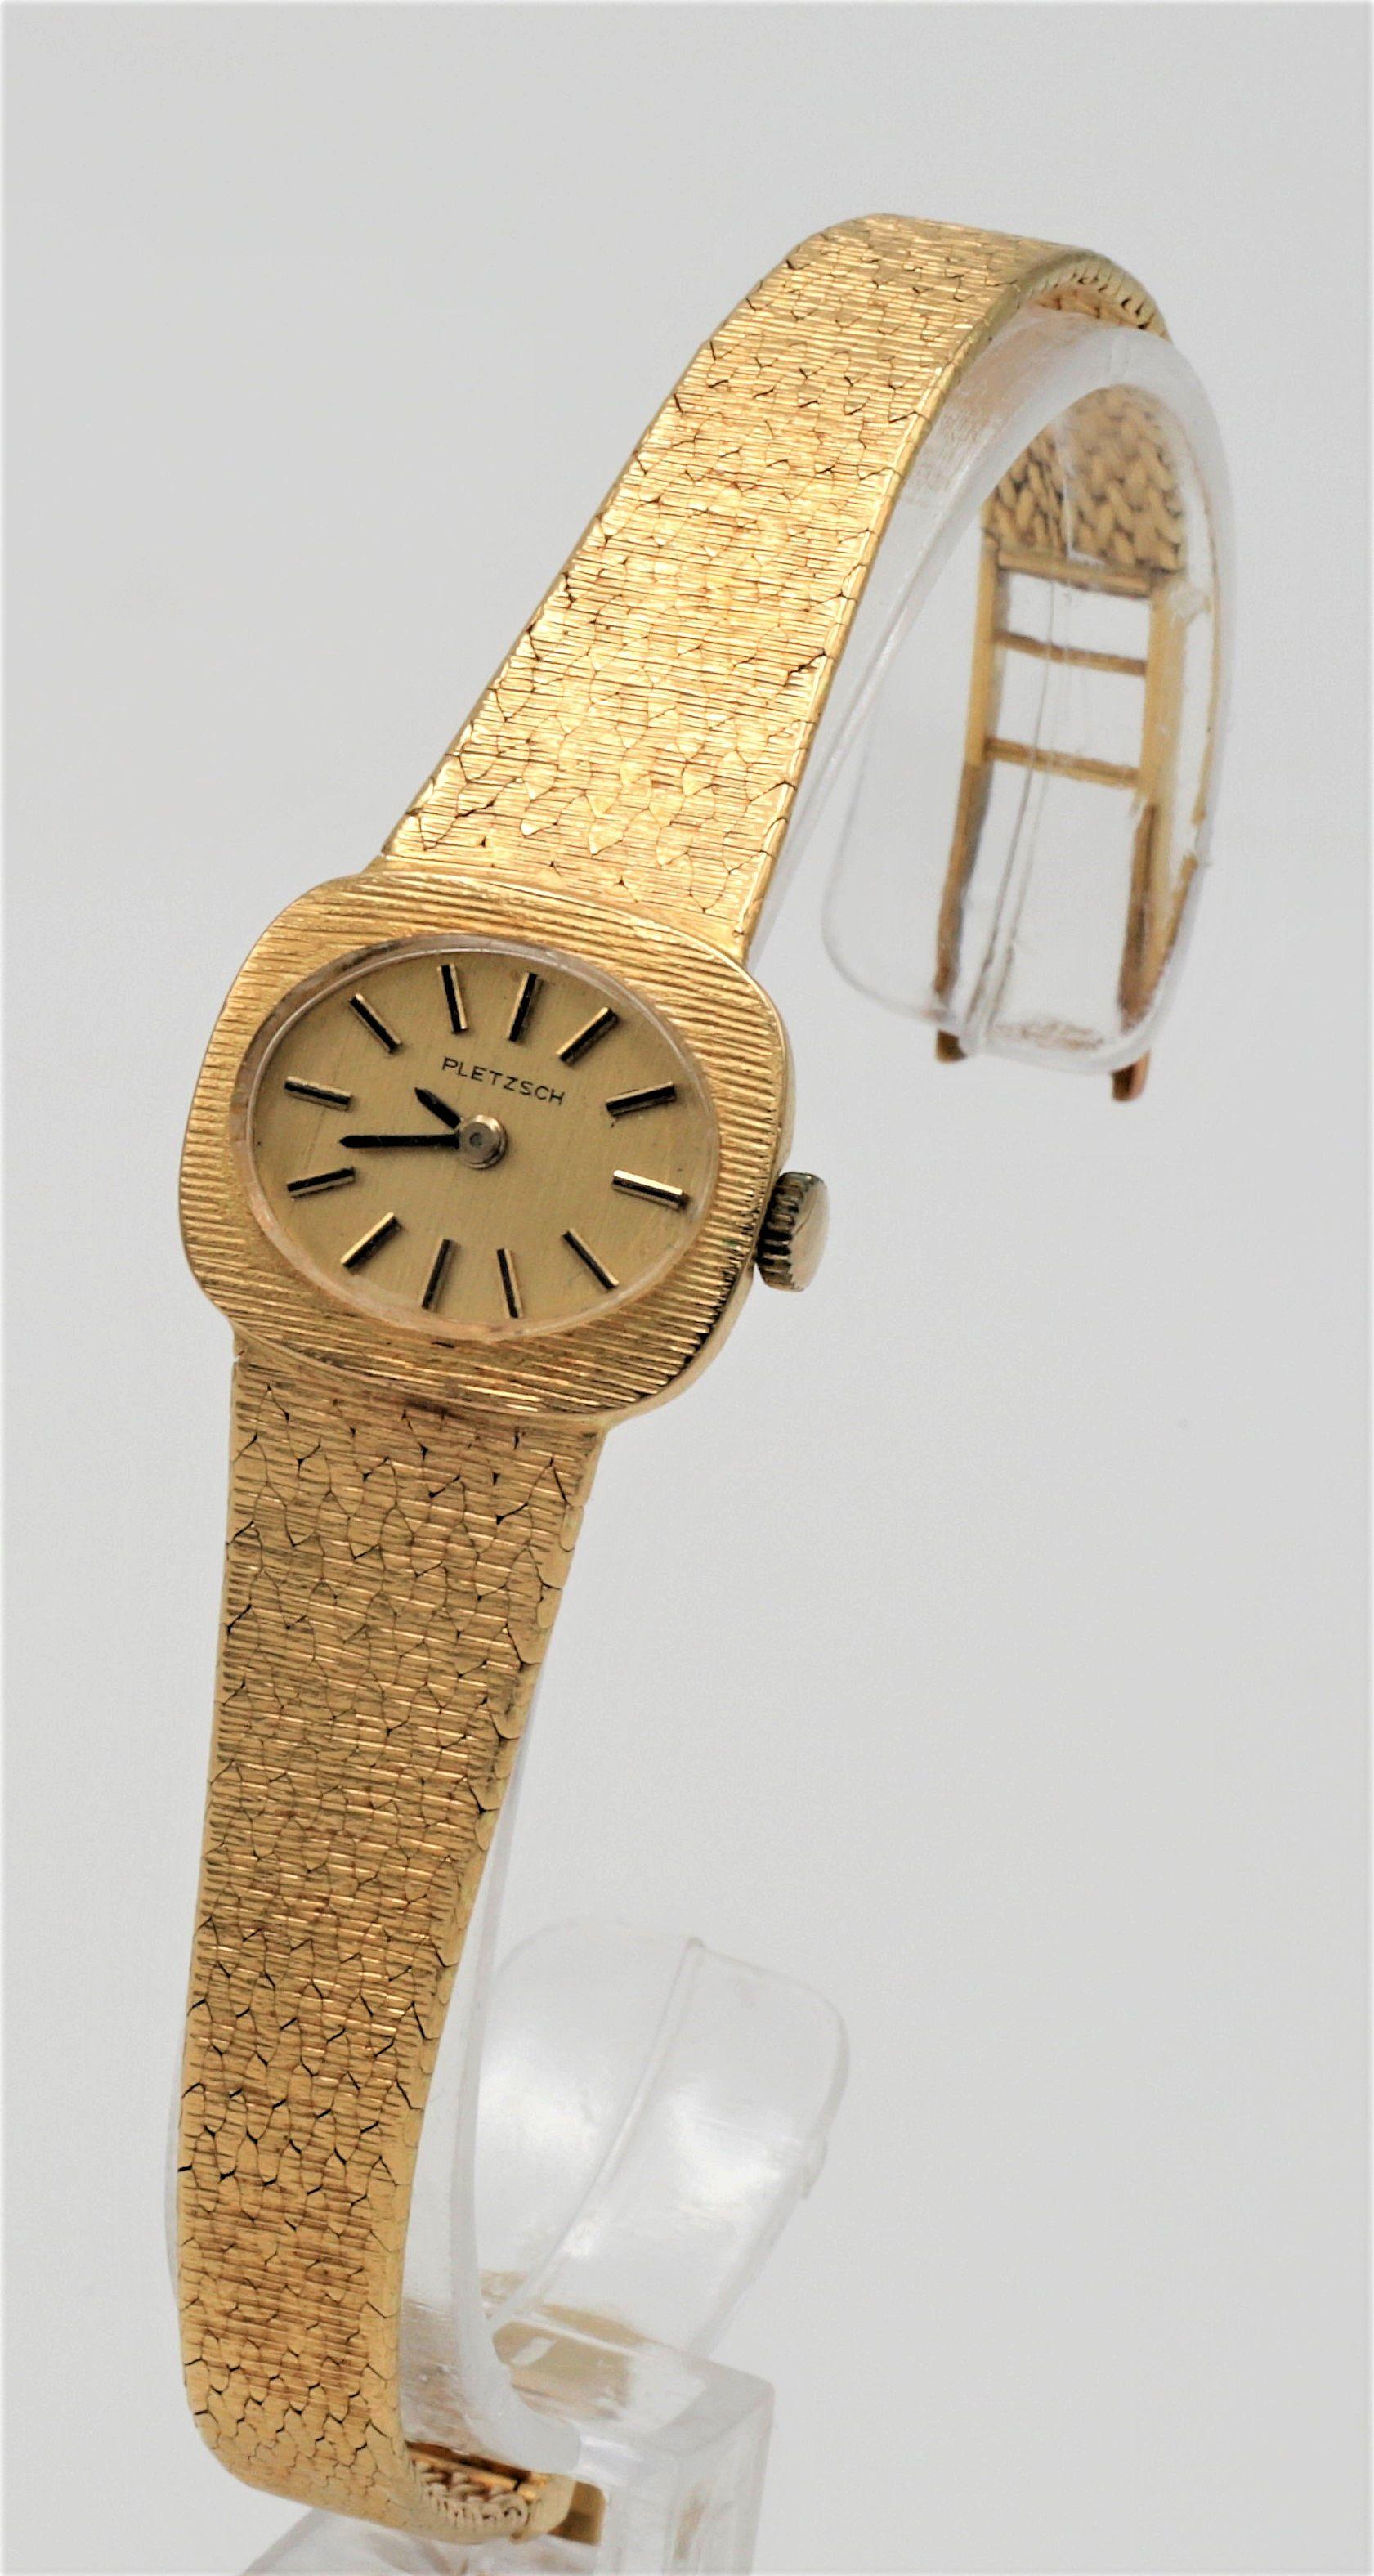 Ebel klassische Damen-Armbanduhr, um 1970